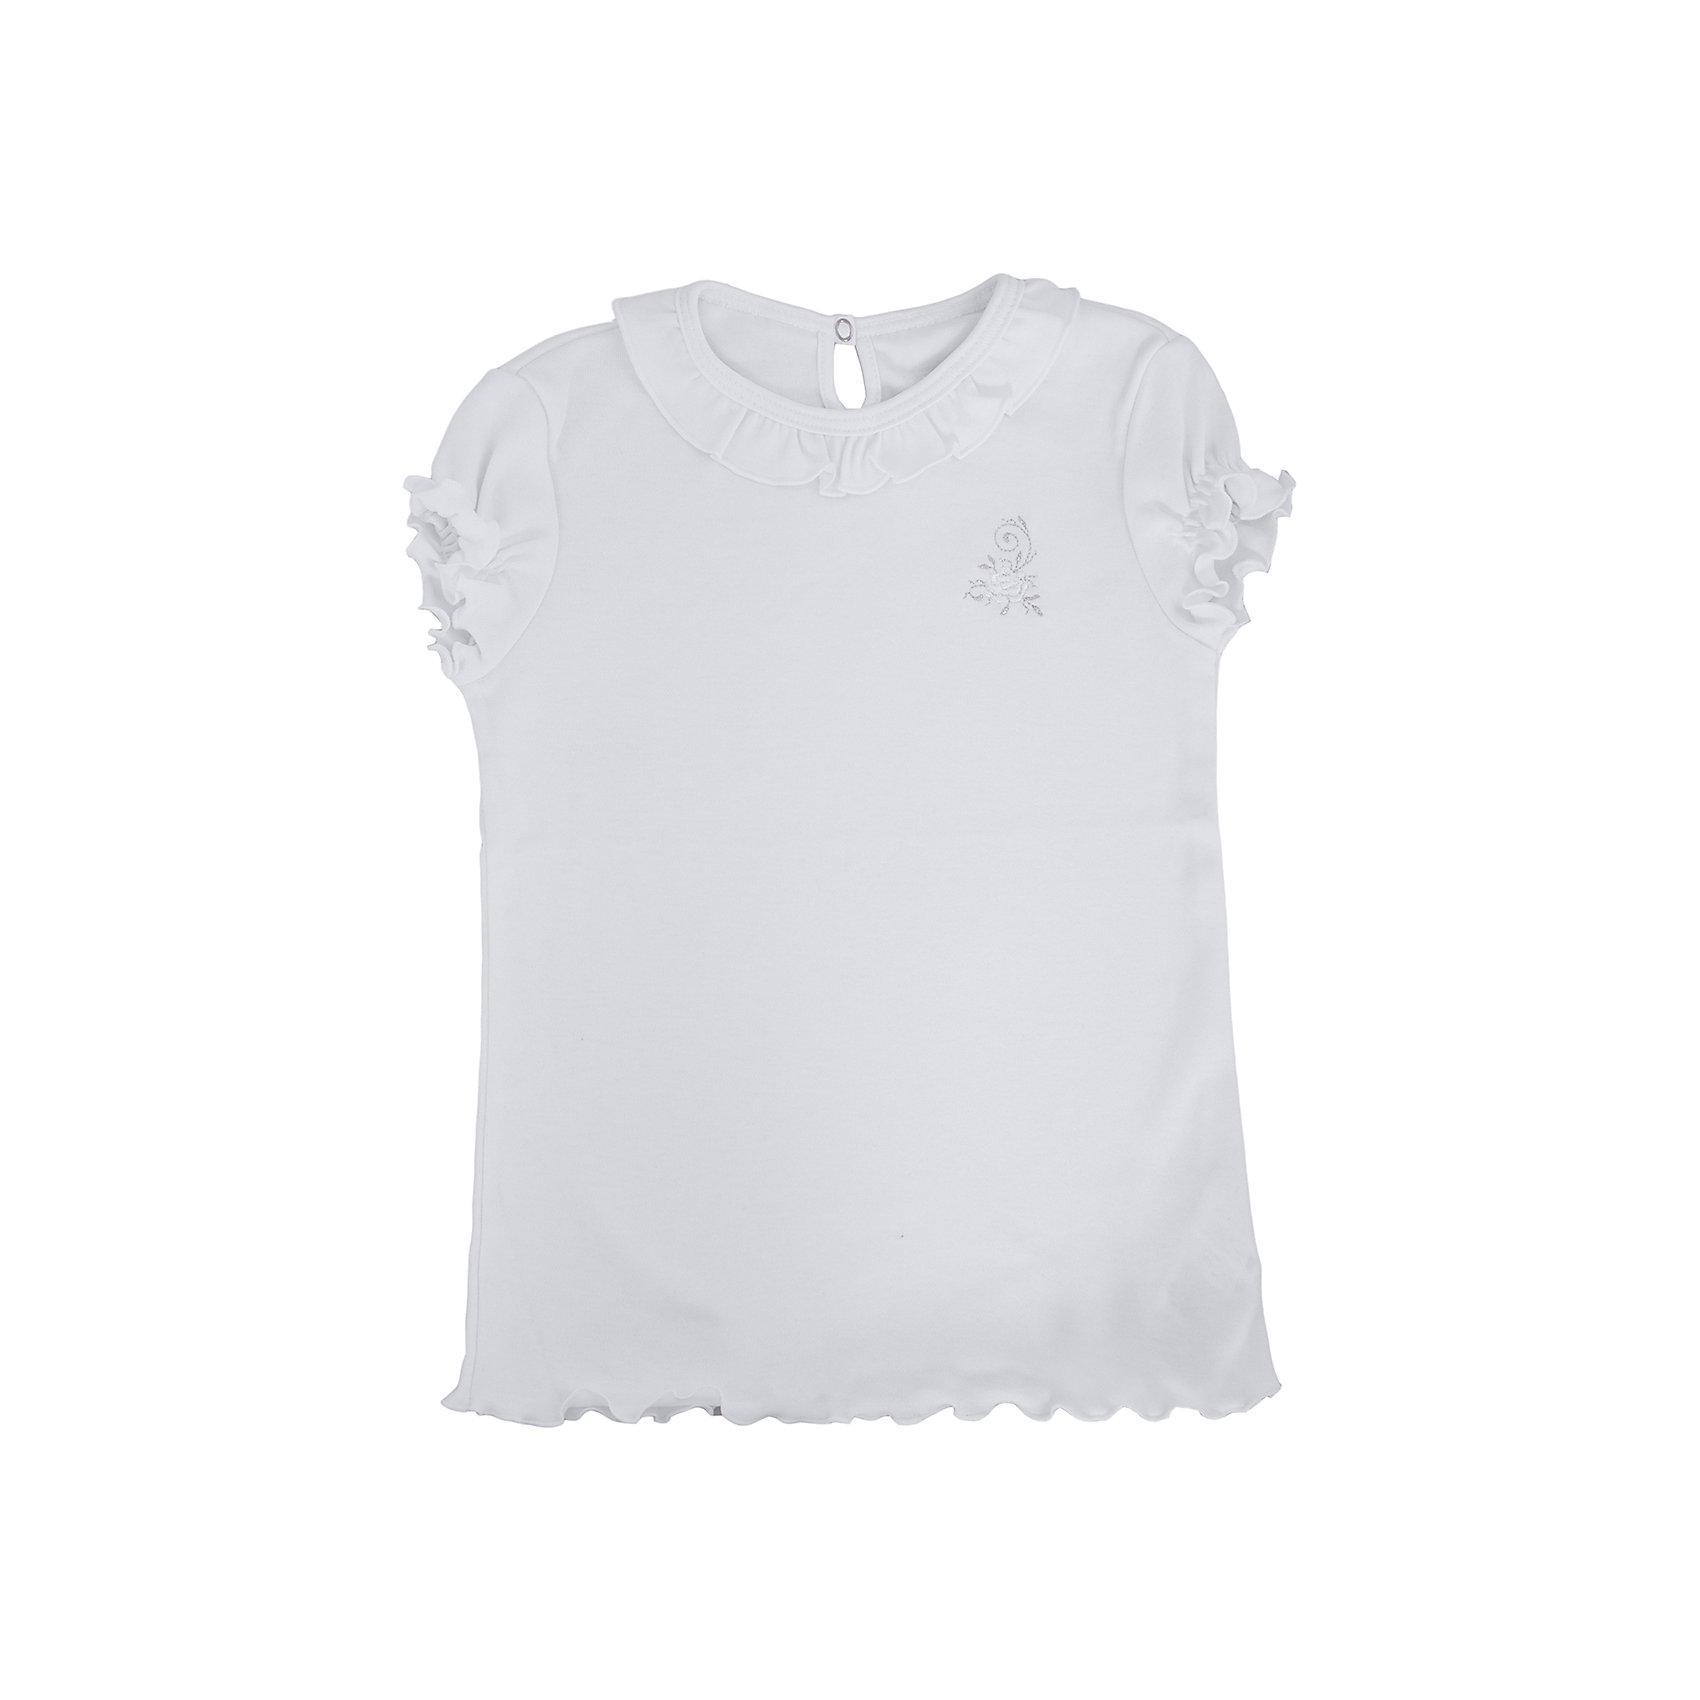 Футболка с длинным рукавом для девочки Белый снегБлузки и рубашки<br>Футболка с длинным рукавом для девочки от российской марки Белый снег.<br>Состав:<br>100%хлопок<br><br>Ширина мм: 230<br>Глубина мм: 40<br>Высота мм: 220<br>Вес г: 250<br>Цвет: белый<br>Возраст от месяцев: 84<br>Возраст до месяцев: 96<br>Пол: Женский<br>Возраст: Детский<br>Размер: 98/104,122/128,134,140/146,152,158,110/116<br>SKU: 4800889